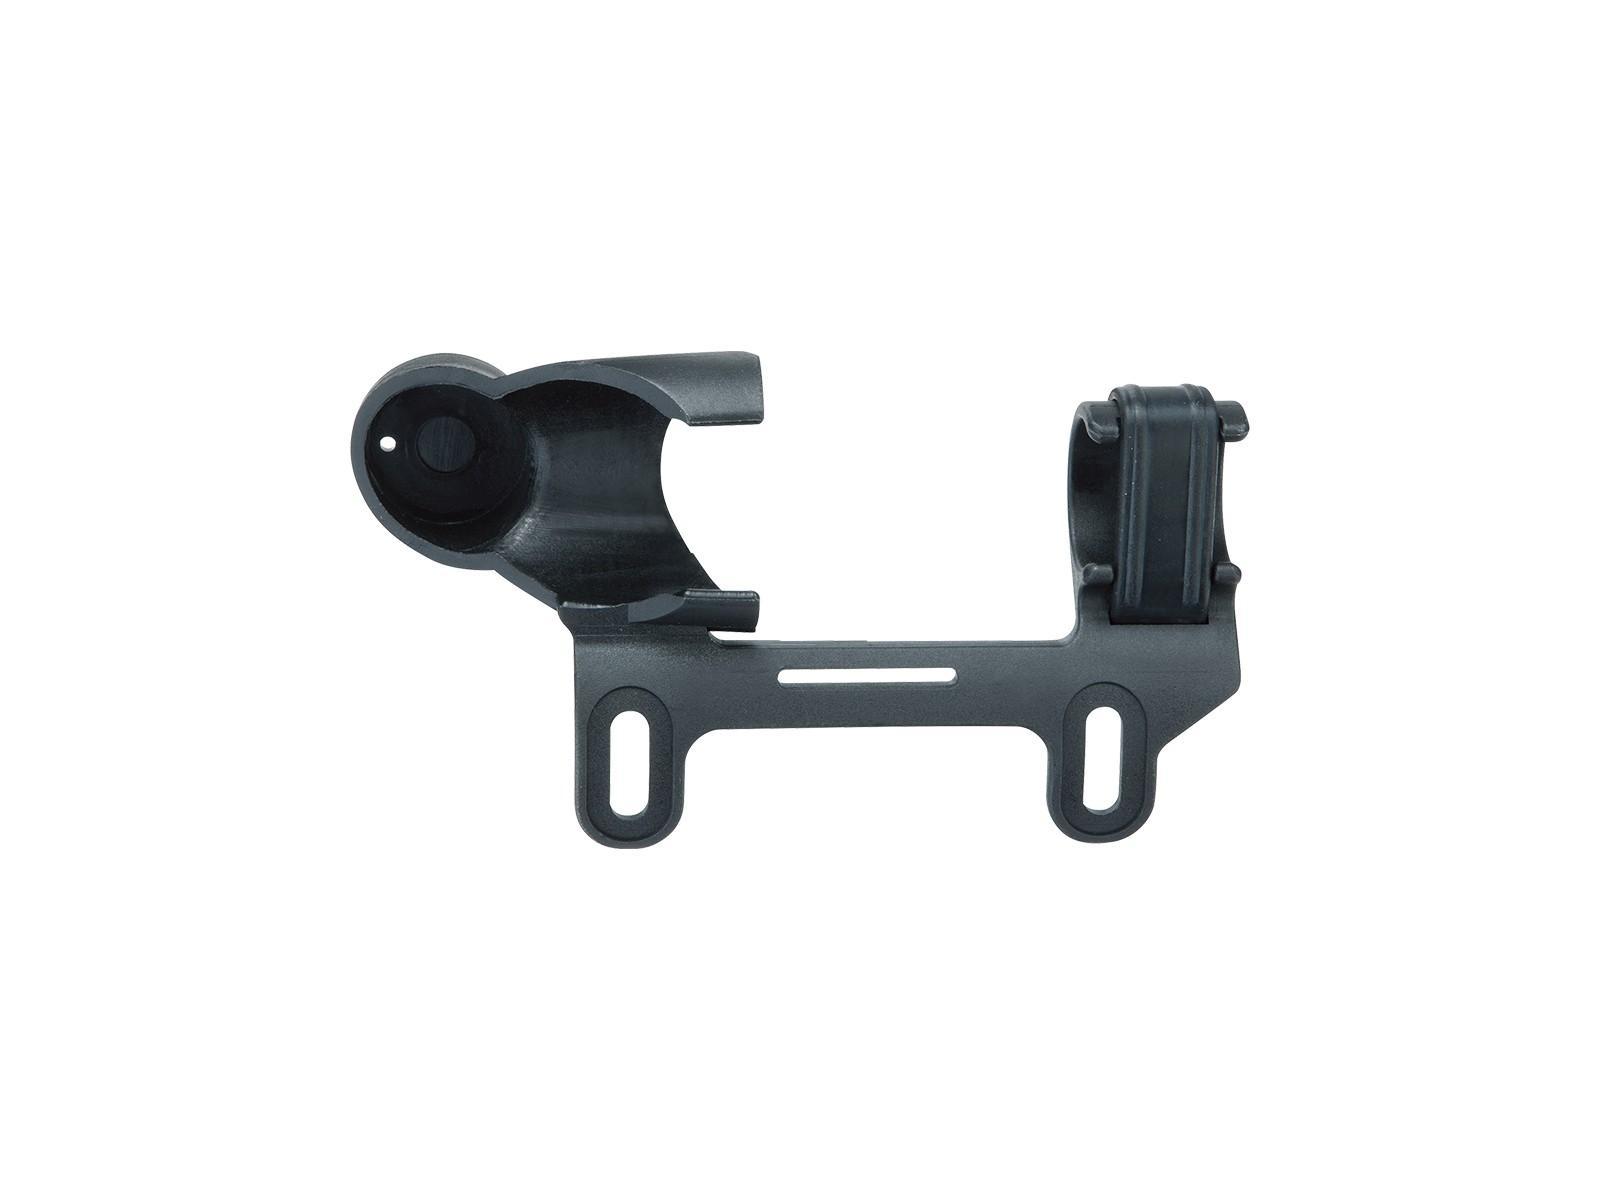 Topeak Halterung für Mini Dual DX Pumpe